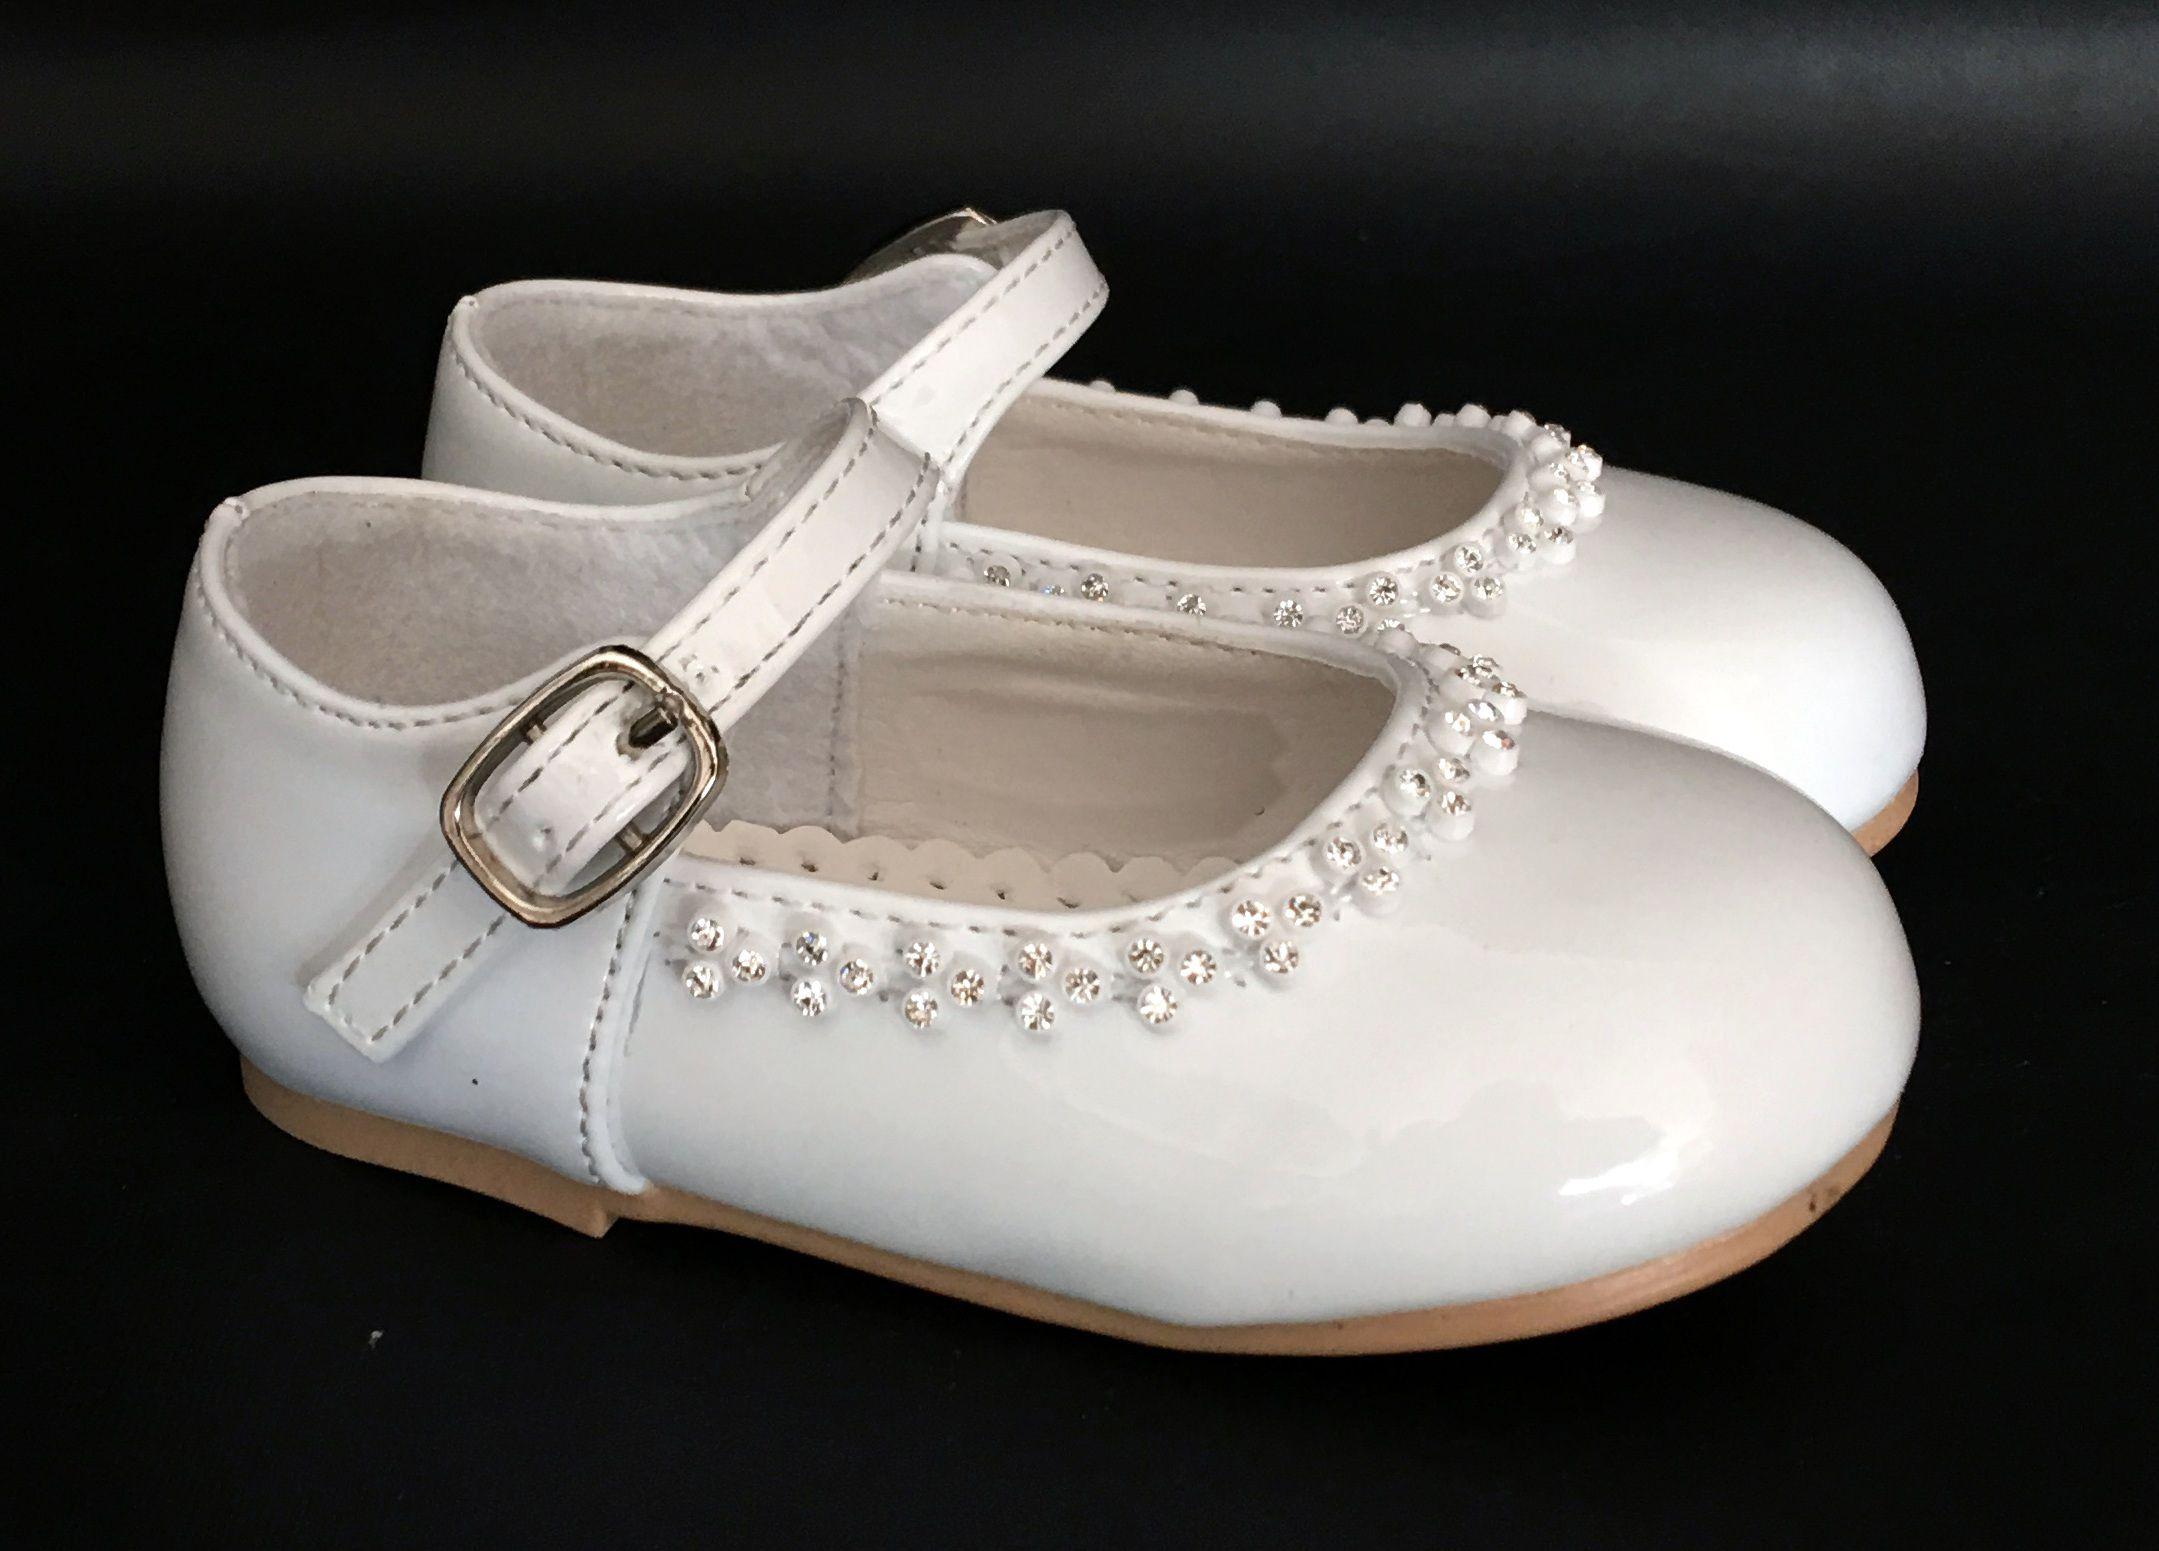 Kislány keresztelő cipőcske 8900.-Ft